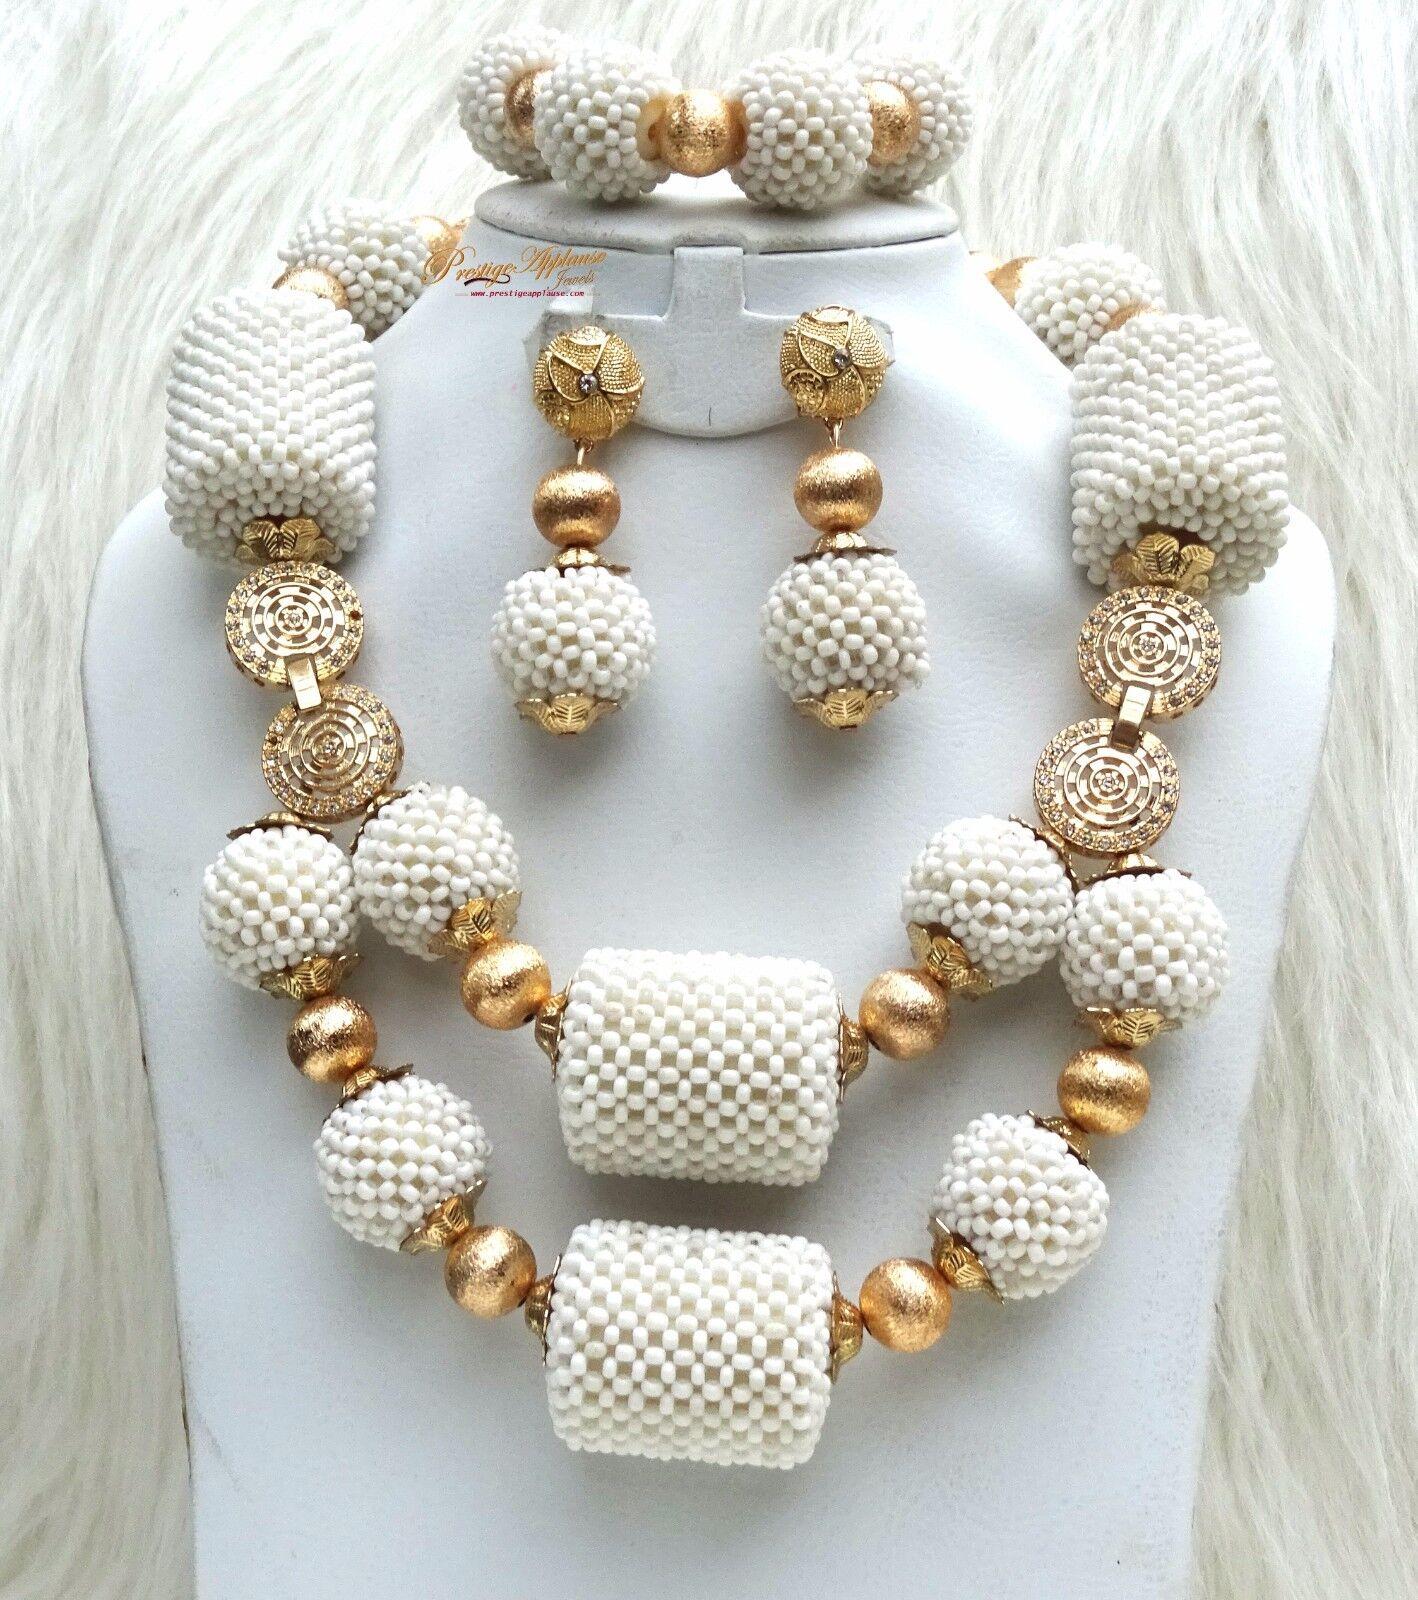 Ultimo design design design bianco da cerimonia PERLINE LAVORATA oro Balls Set Festa Nuziale 4f0f54